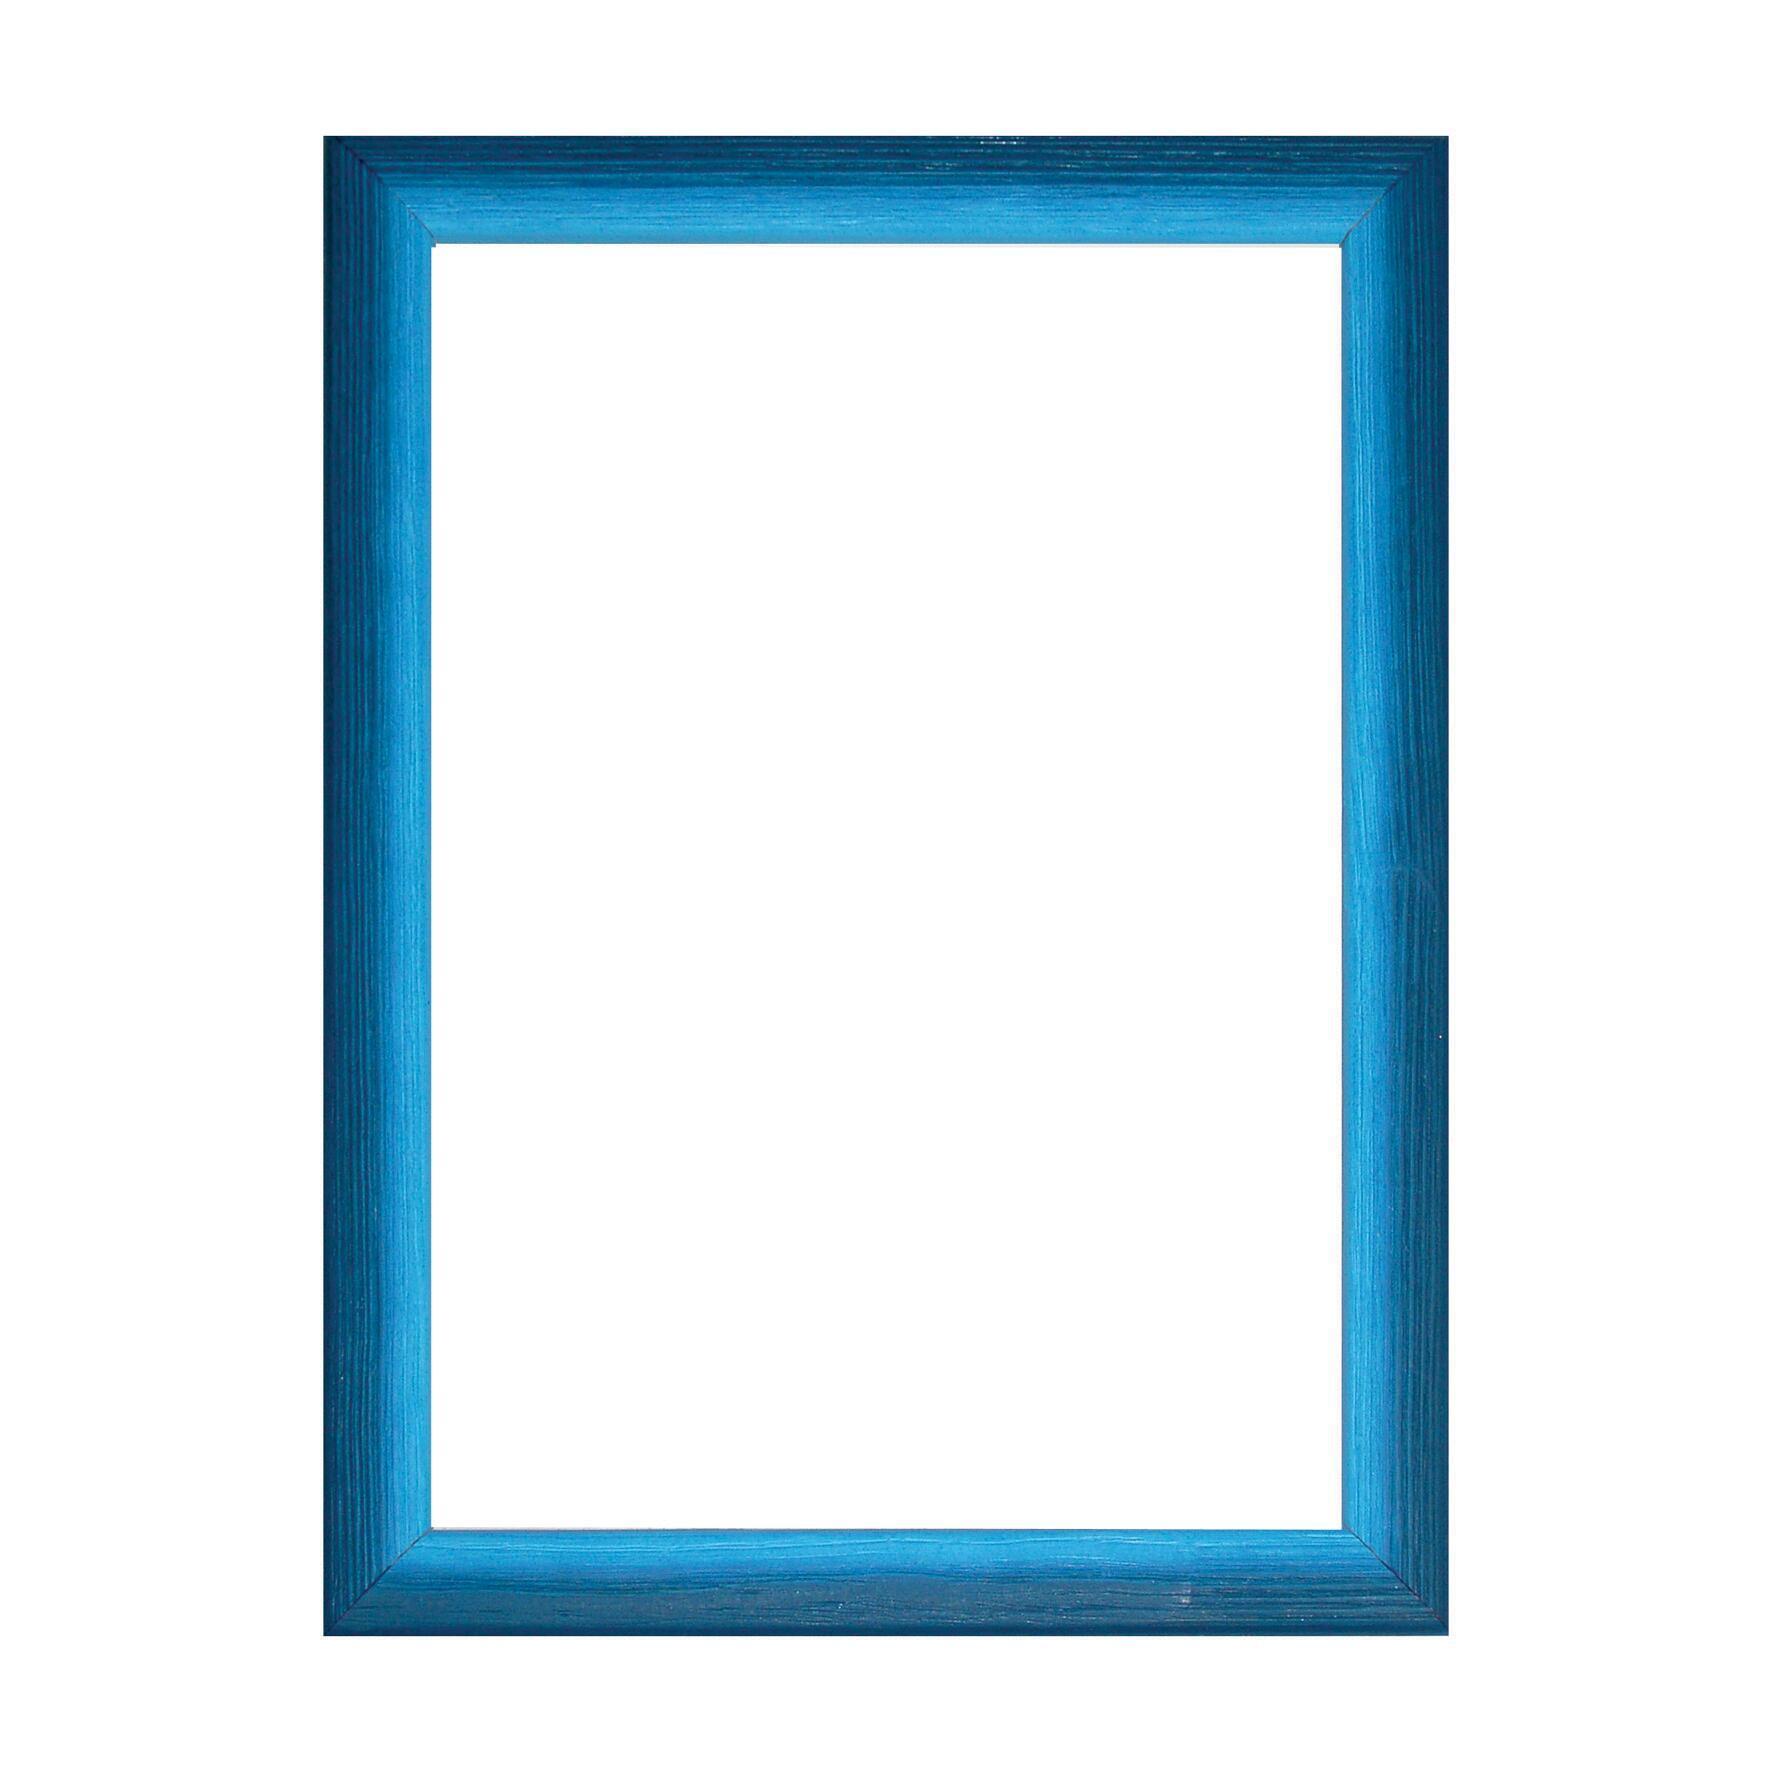 Cornice INSPIRE Bicolor azzurro<multisep/>blu per foto da 30x45 cm - 1